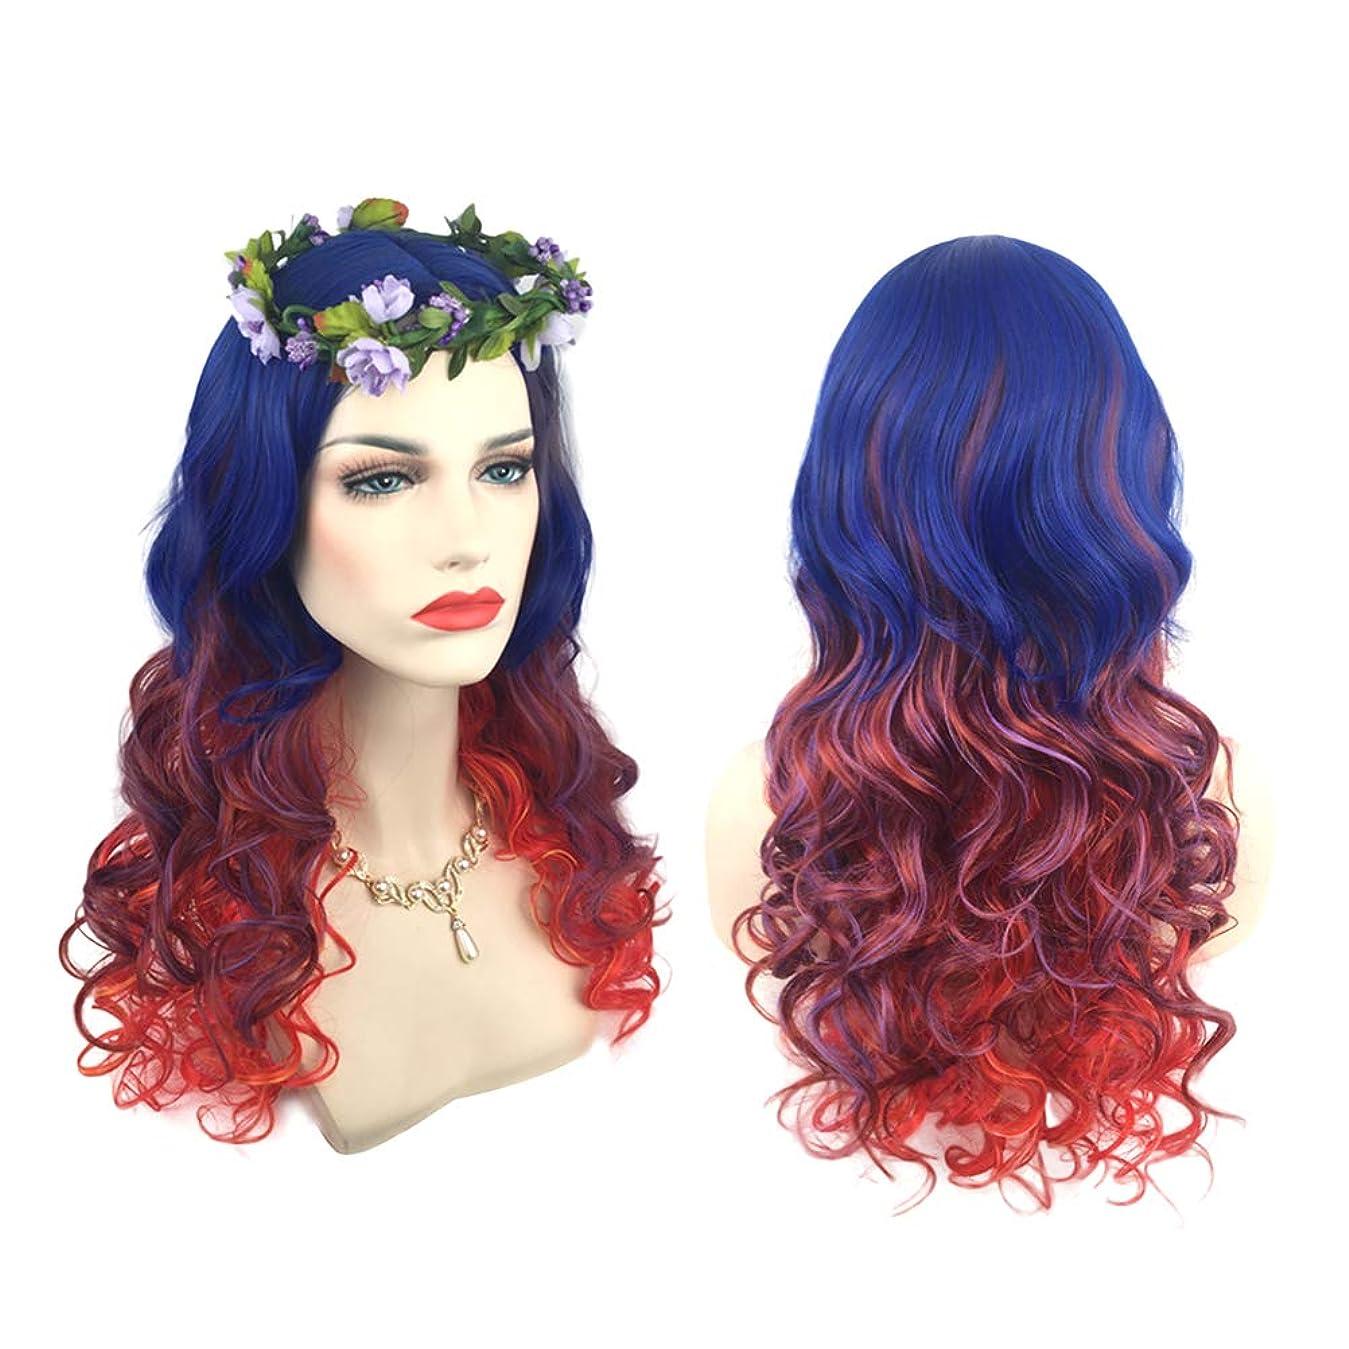 文庫本櫛かまど女性のファッションロング巻き毛のかつらグラデーションカラー縮れ毛のかつらアニメコスプレかつら自然に見える絶妙なローズネットかつらカバー(66175)